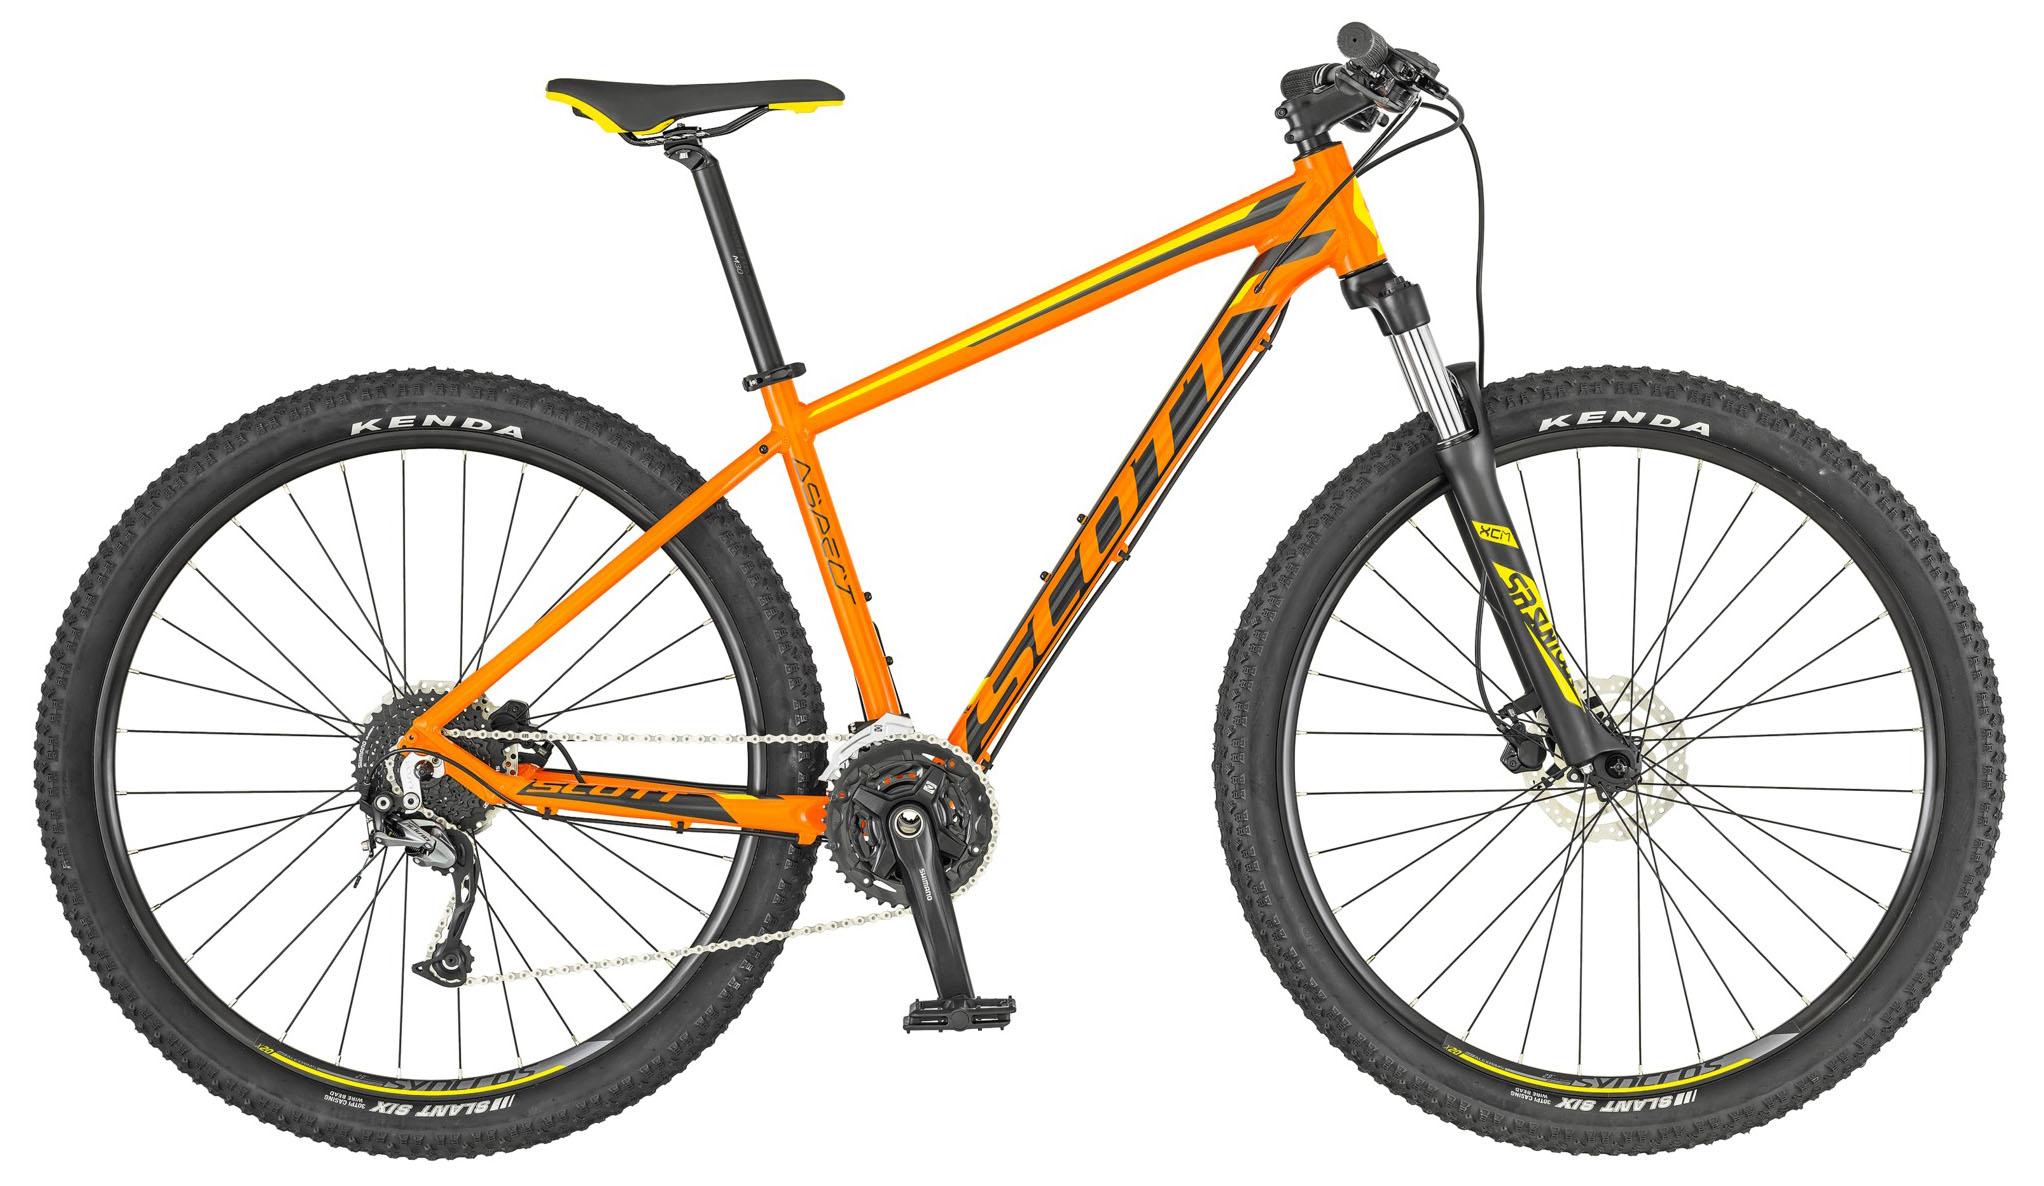 цена на Велосипед Scott Aspect 740 2019